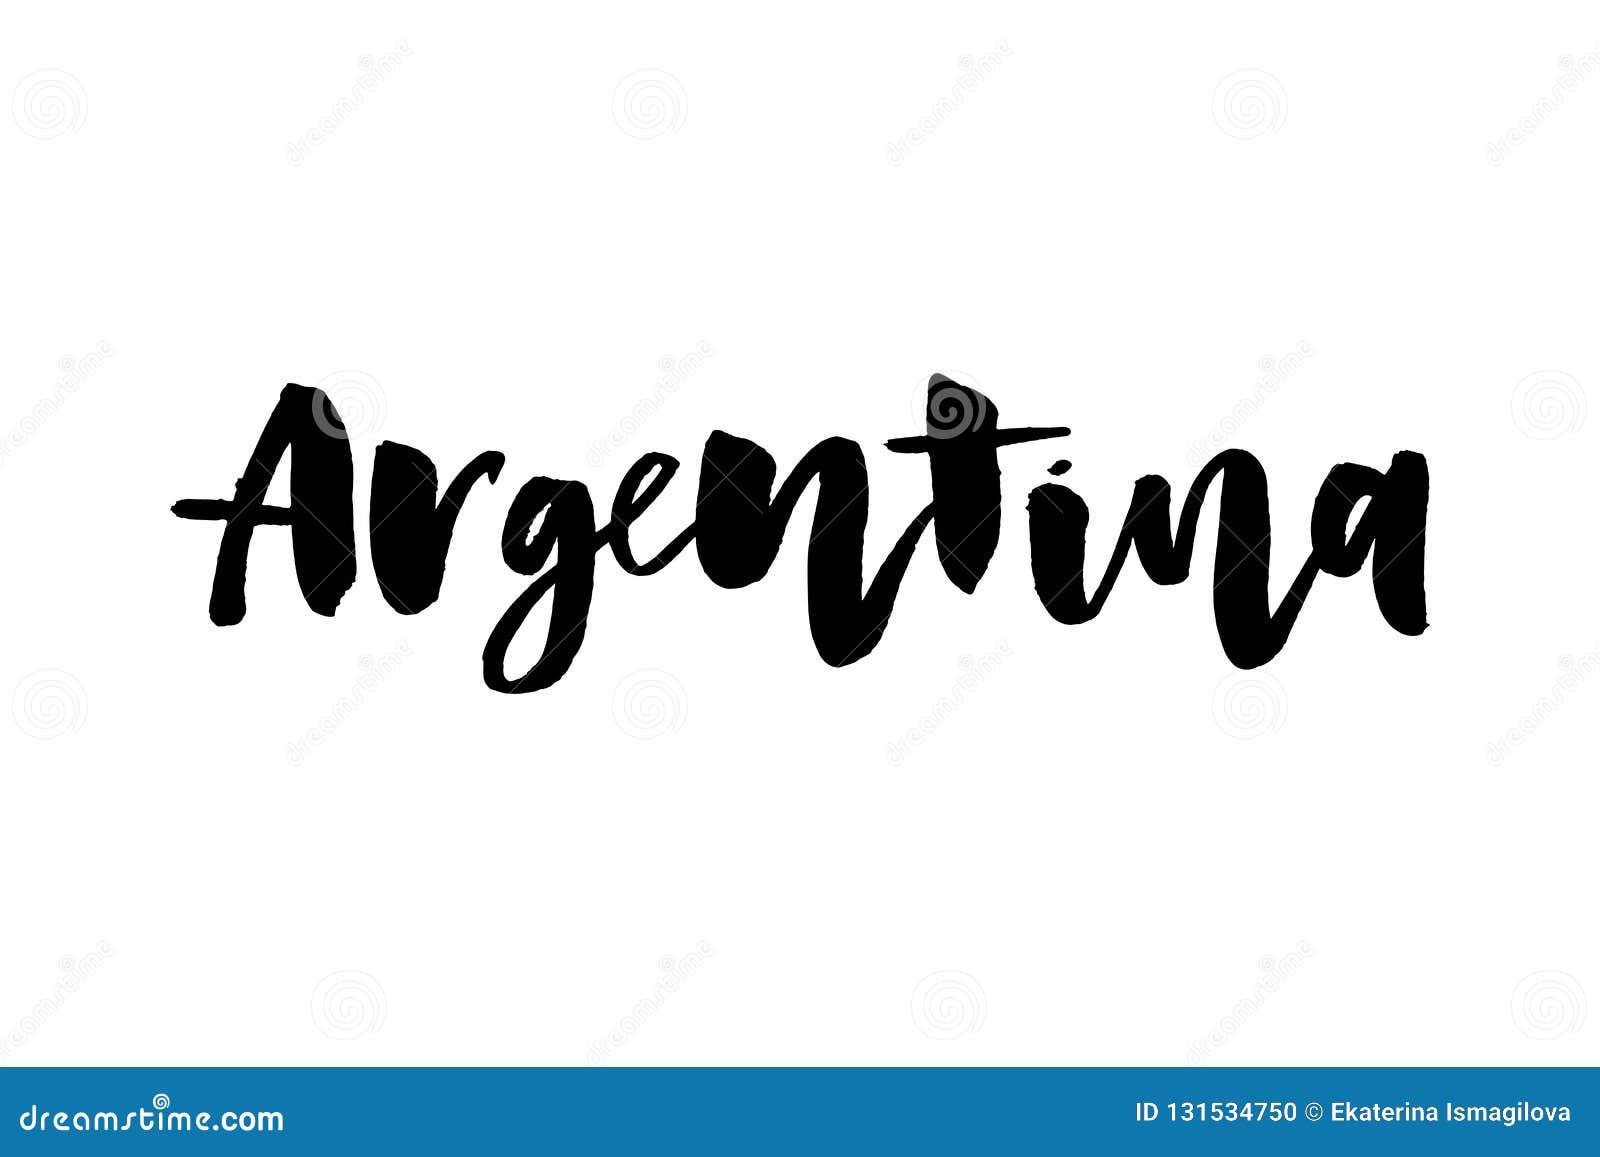 Citation espagnole calligraphique Viva Argentina de lettrage écrite par main avec les confettis en baisse dans des couleurs de dr